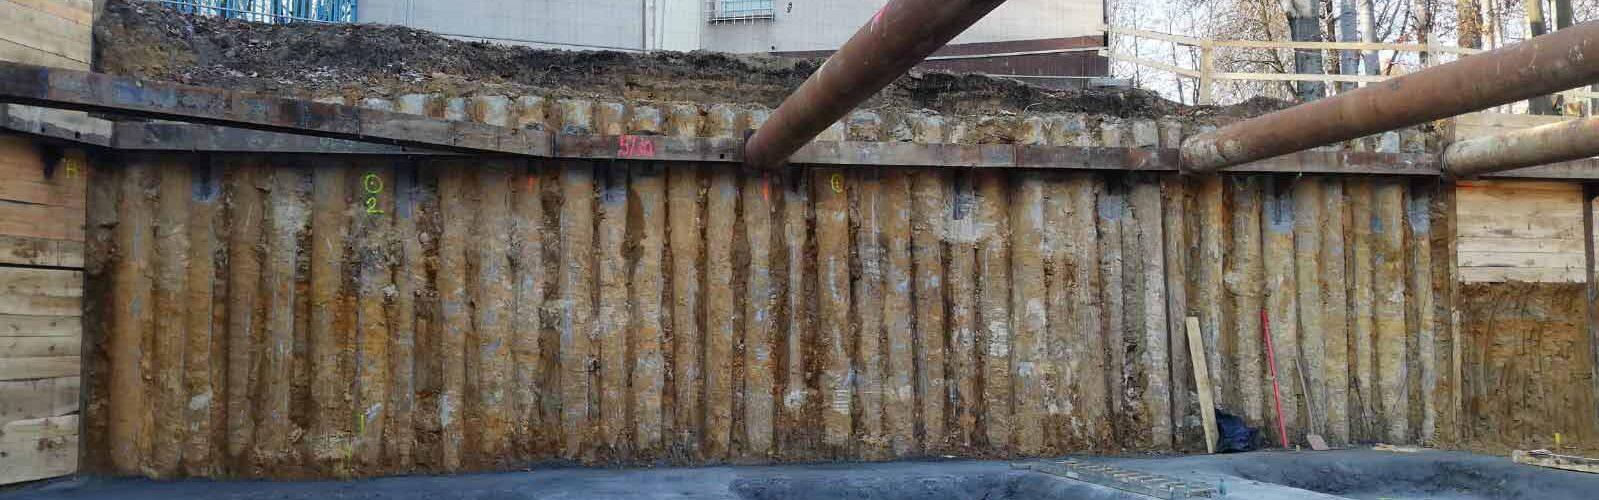 Ścianka berlińska wwibrowywana Katowice